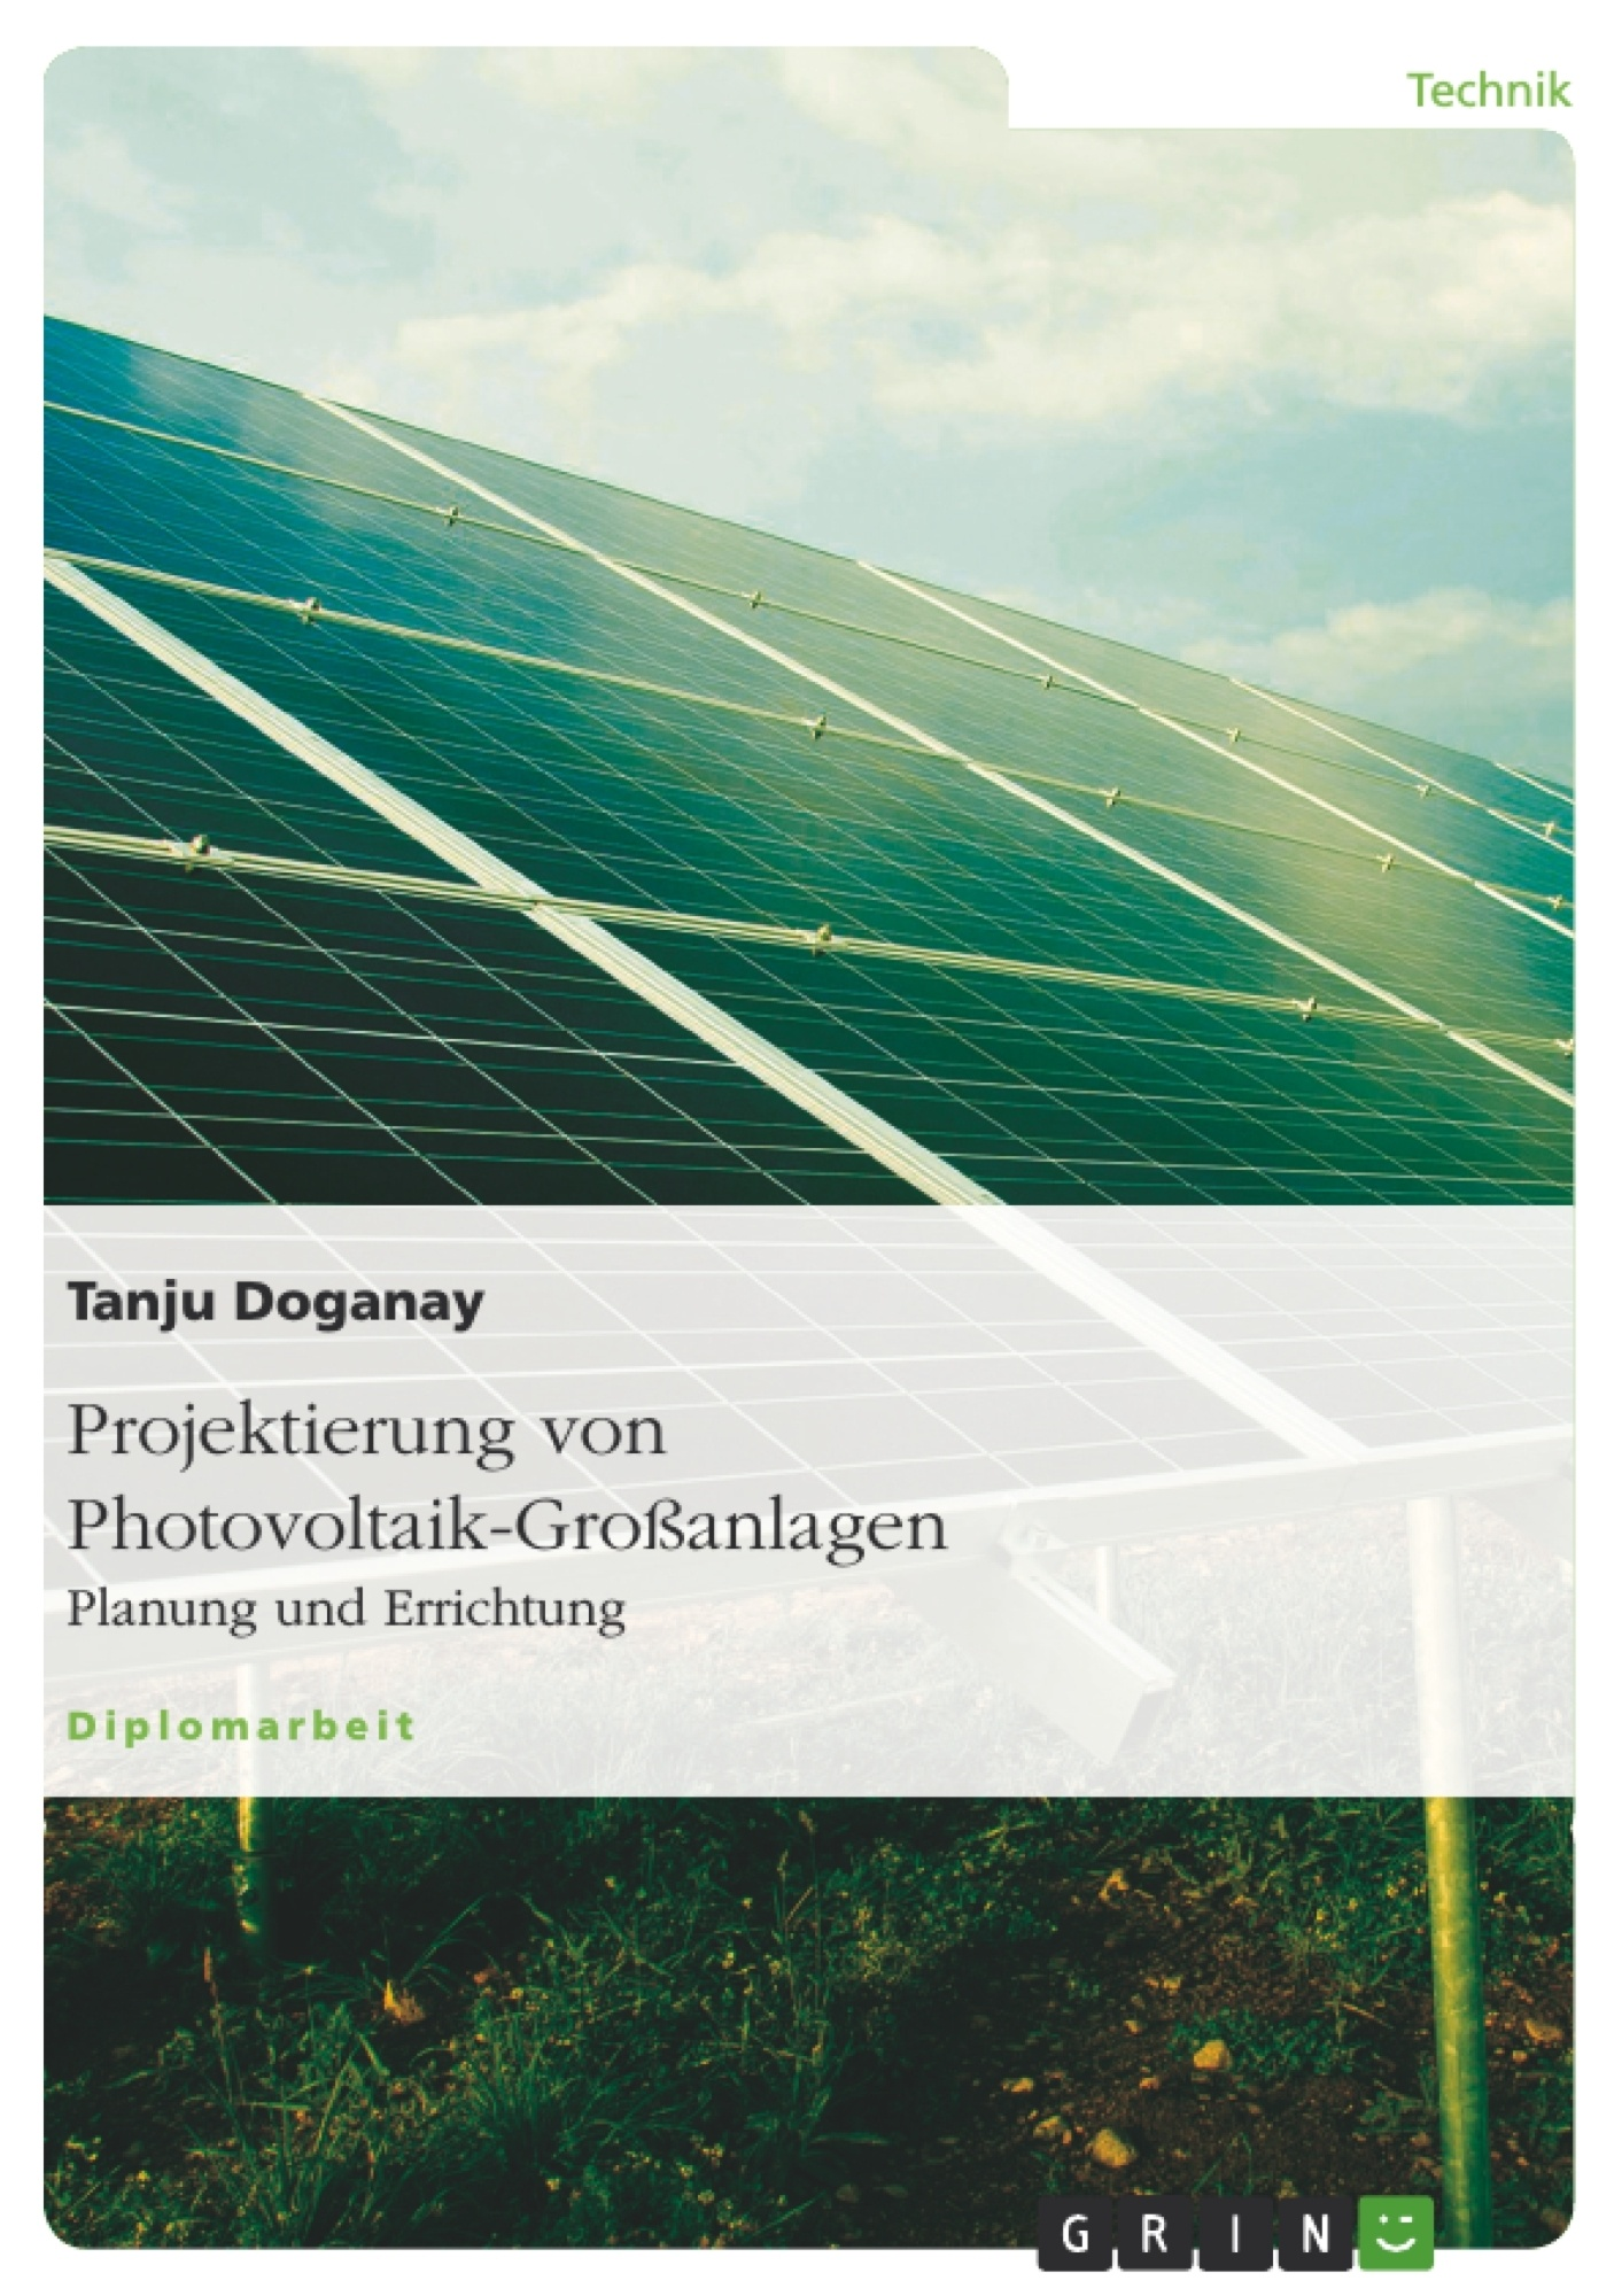 Titel: Projektierung von Photovoltaik-Großanlagen